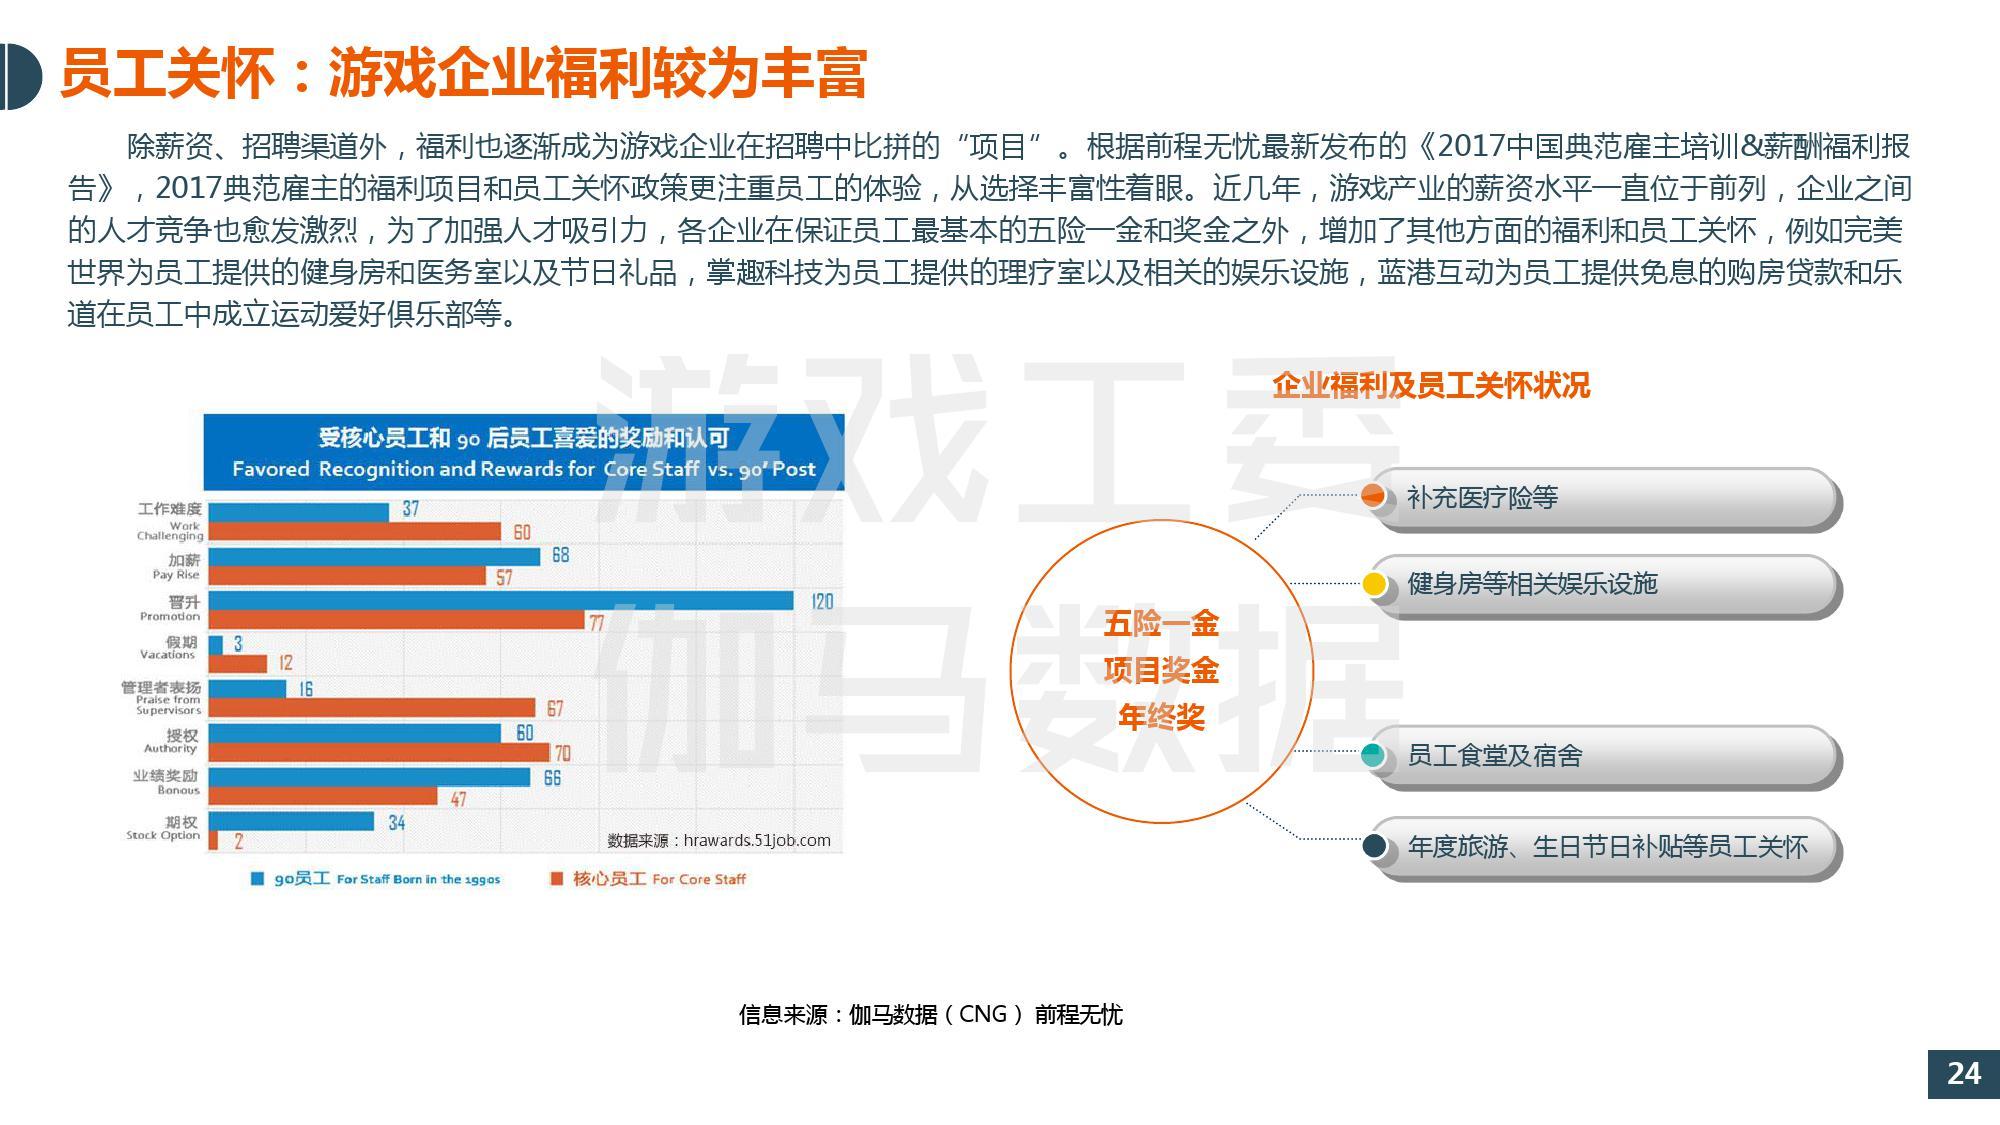 必威官方最新下载 29